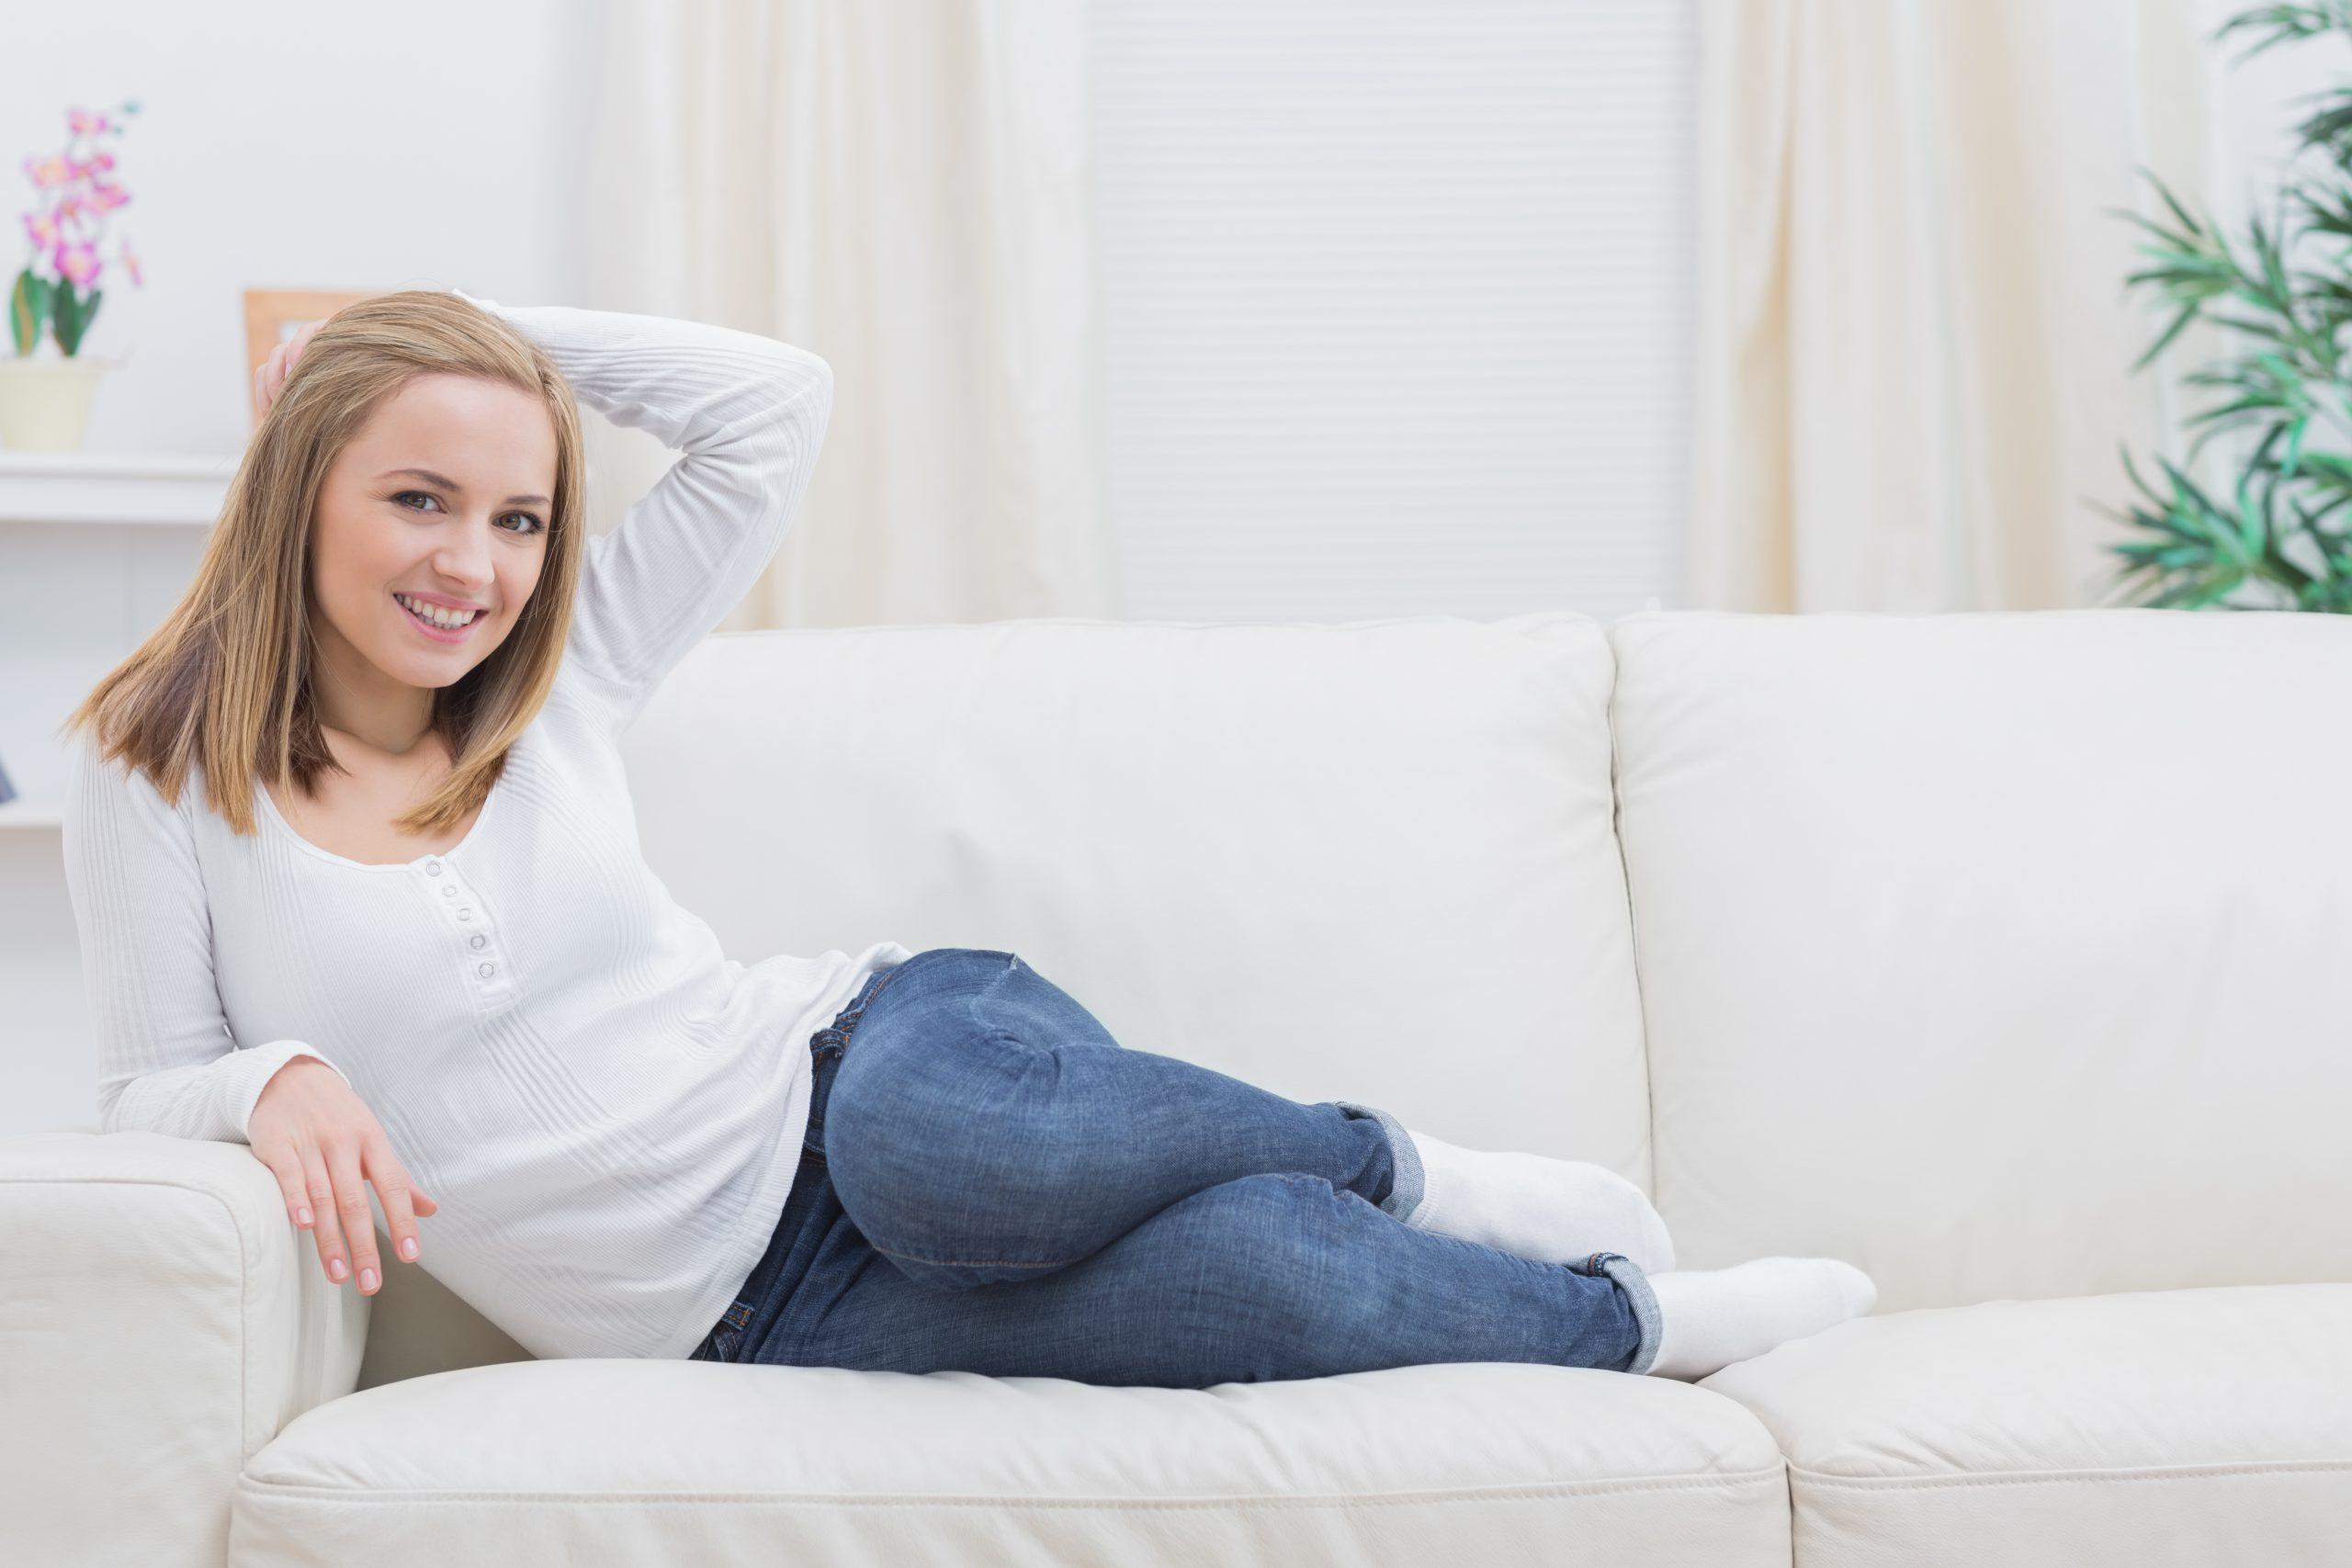 belle femme russe sur un canapé